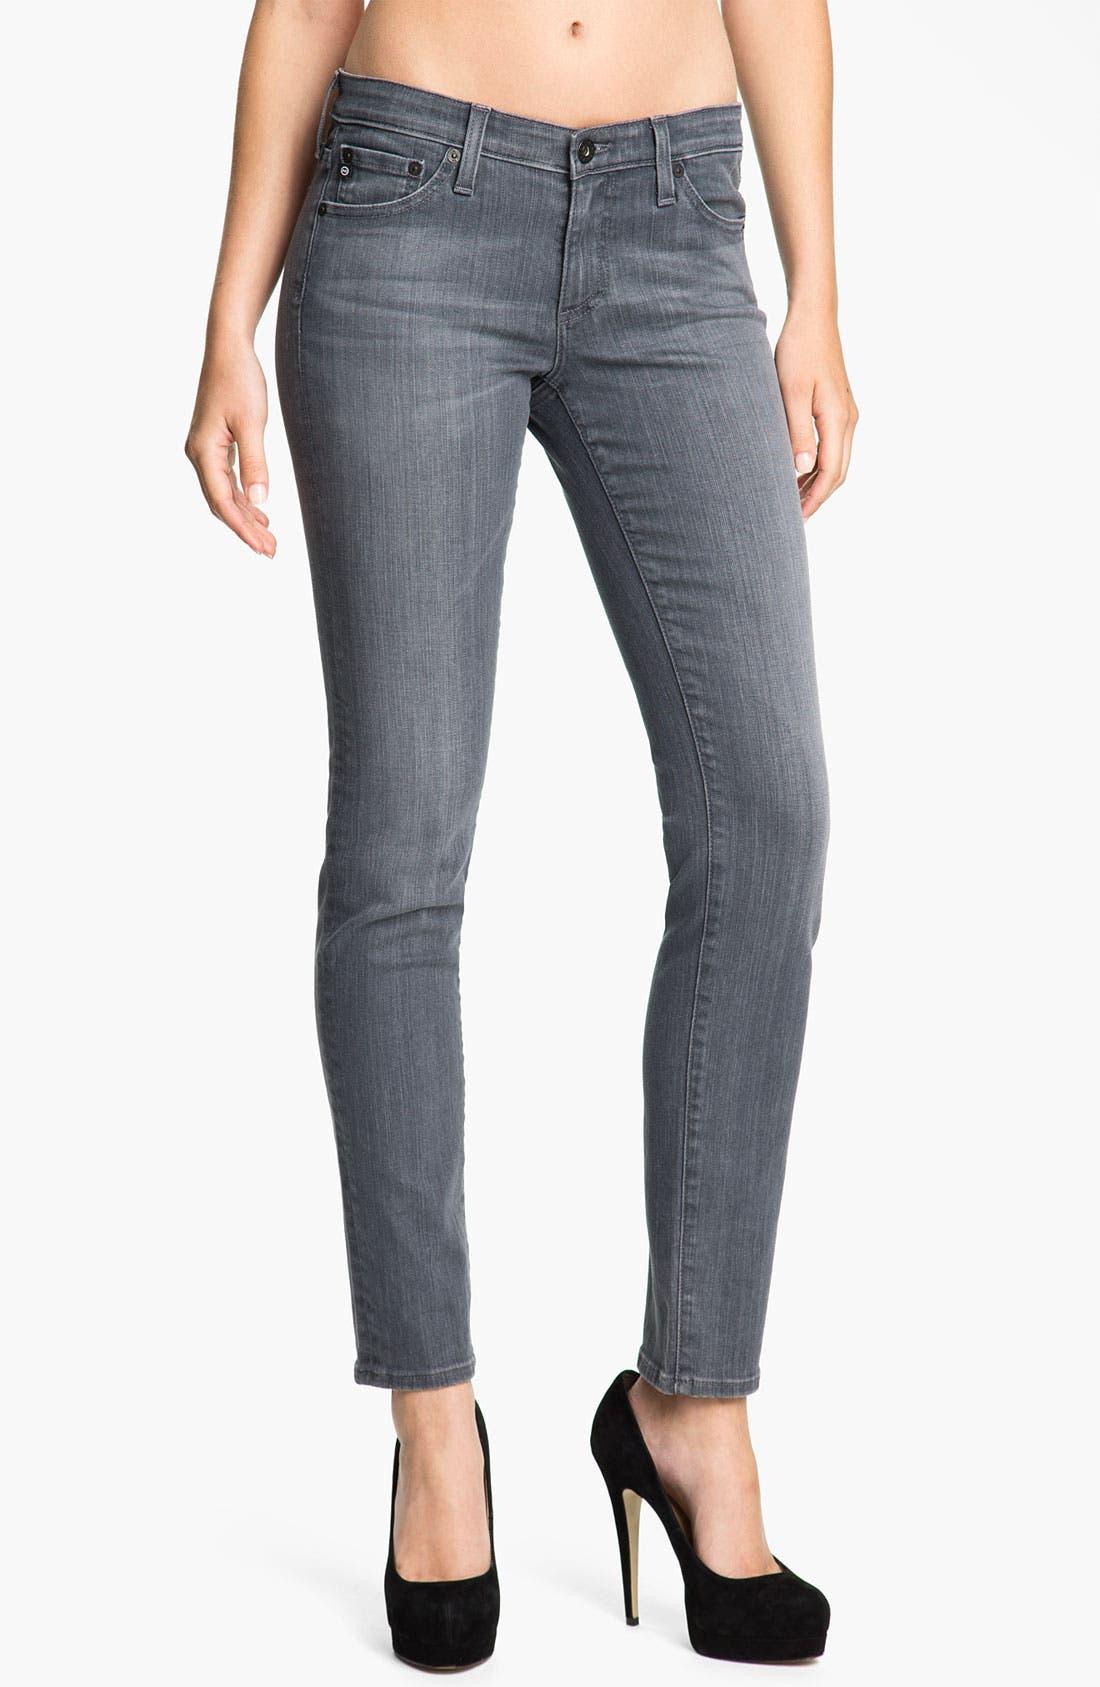 Alternate Image 1  - AG Jeans 'Stilt' Cigarette Leg Jeans (Studio Grey)